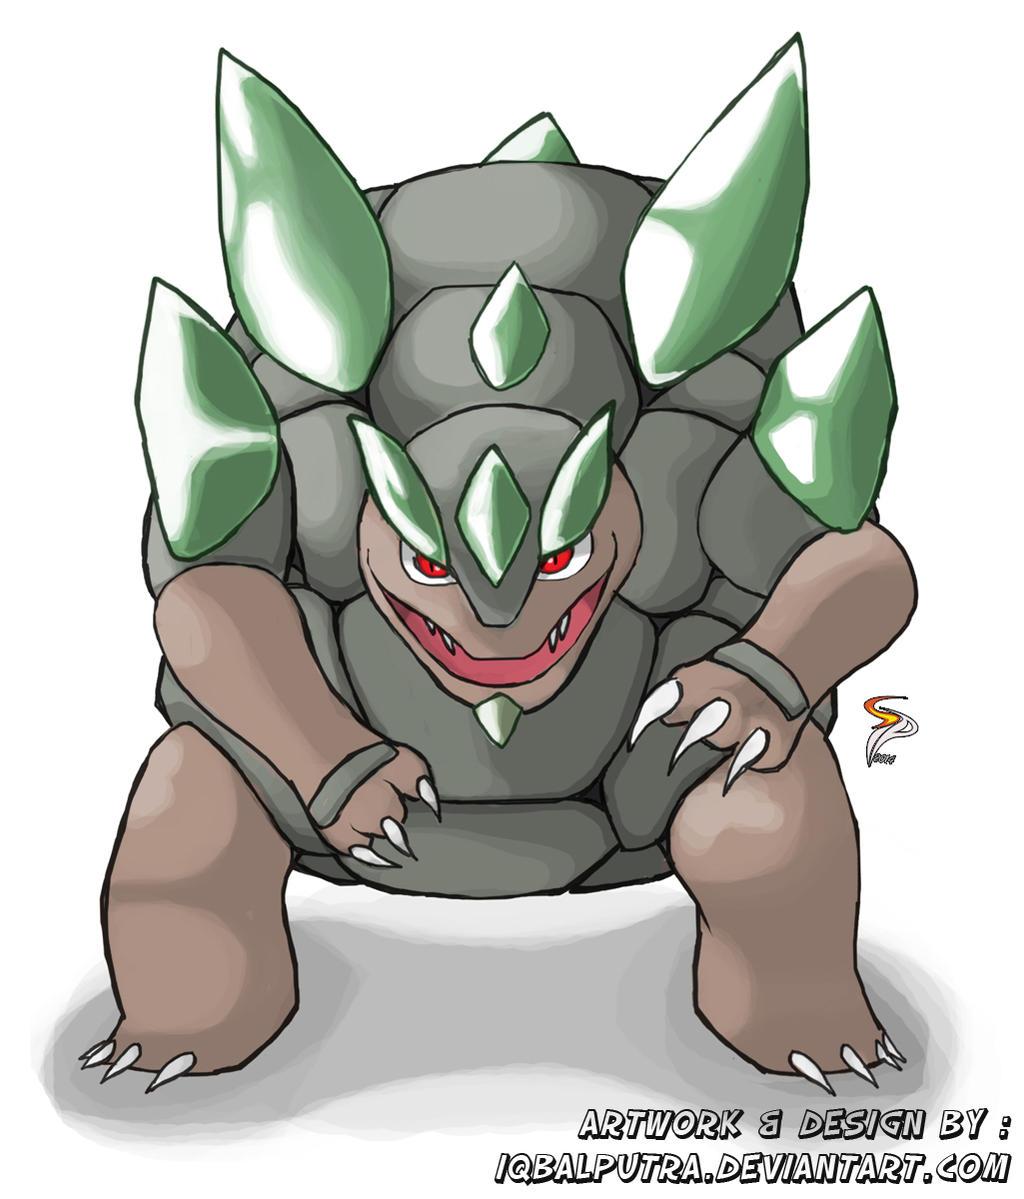 Golem Images   Pokemon Images